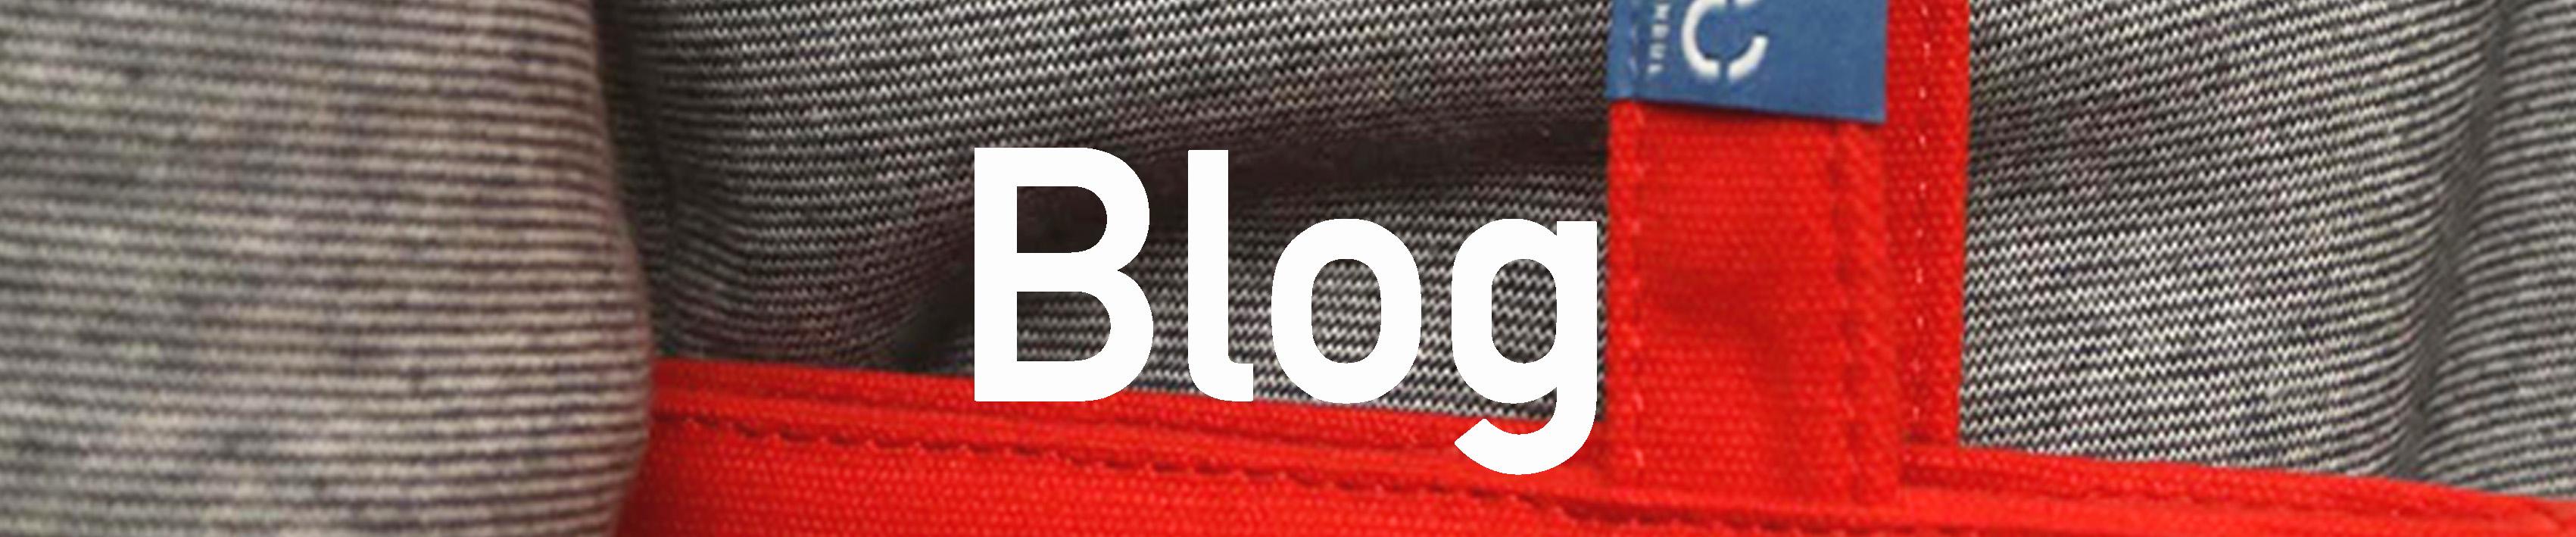 blogslider-moii-b-1